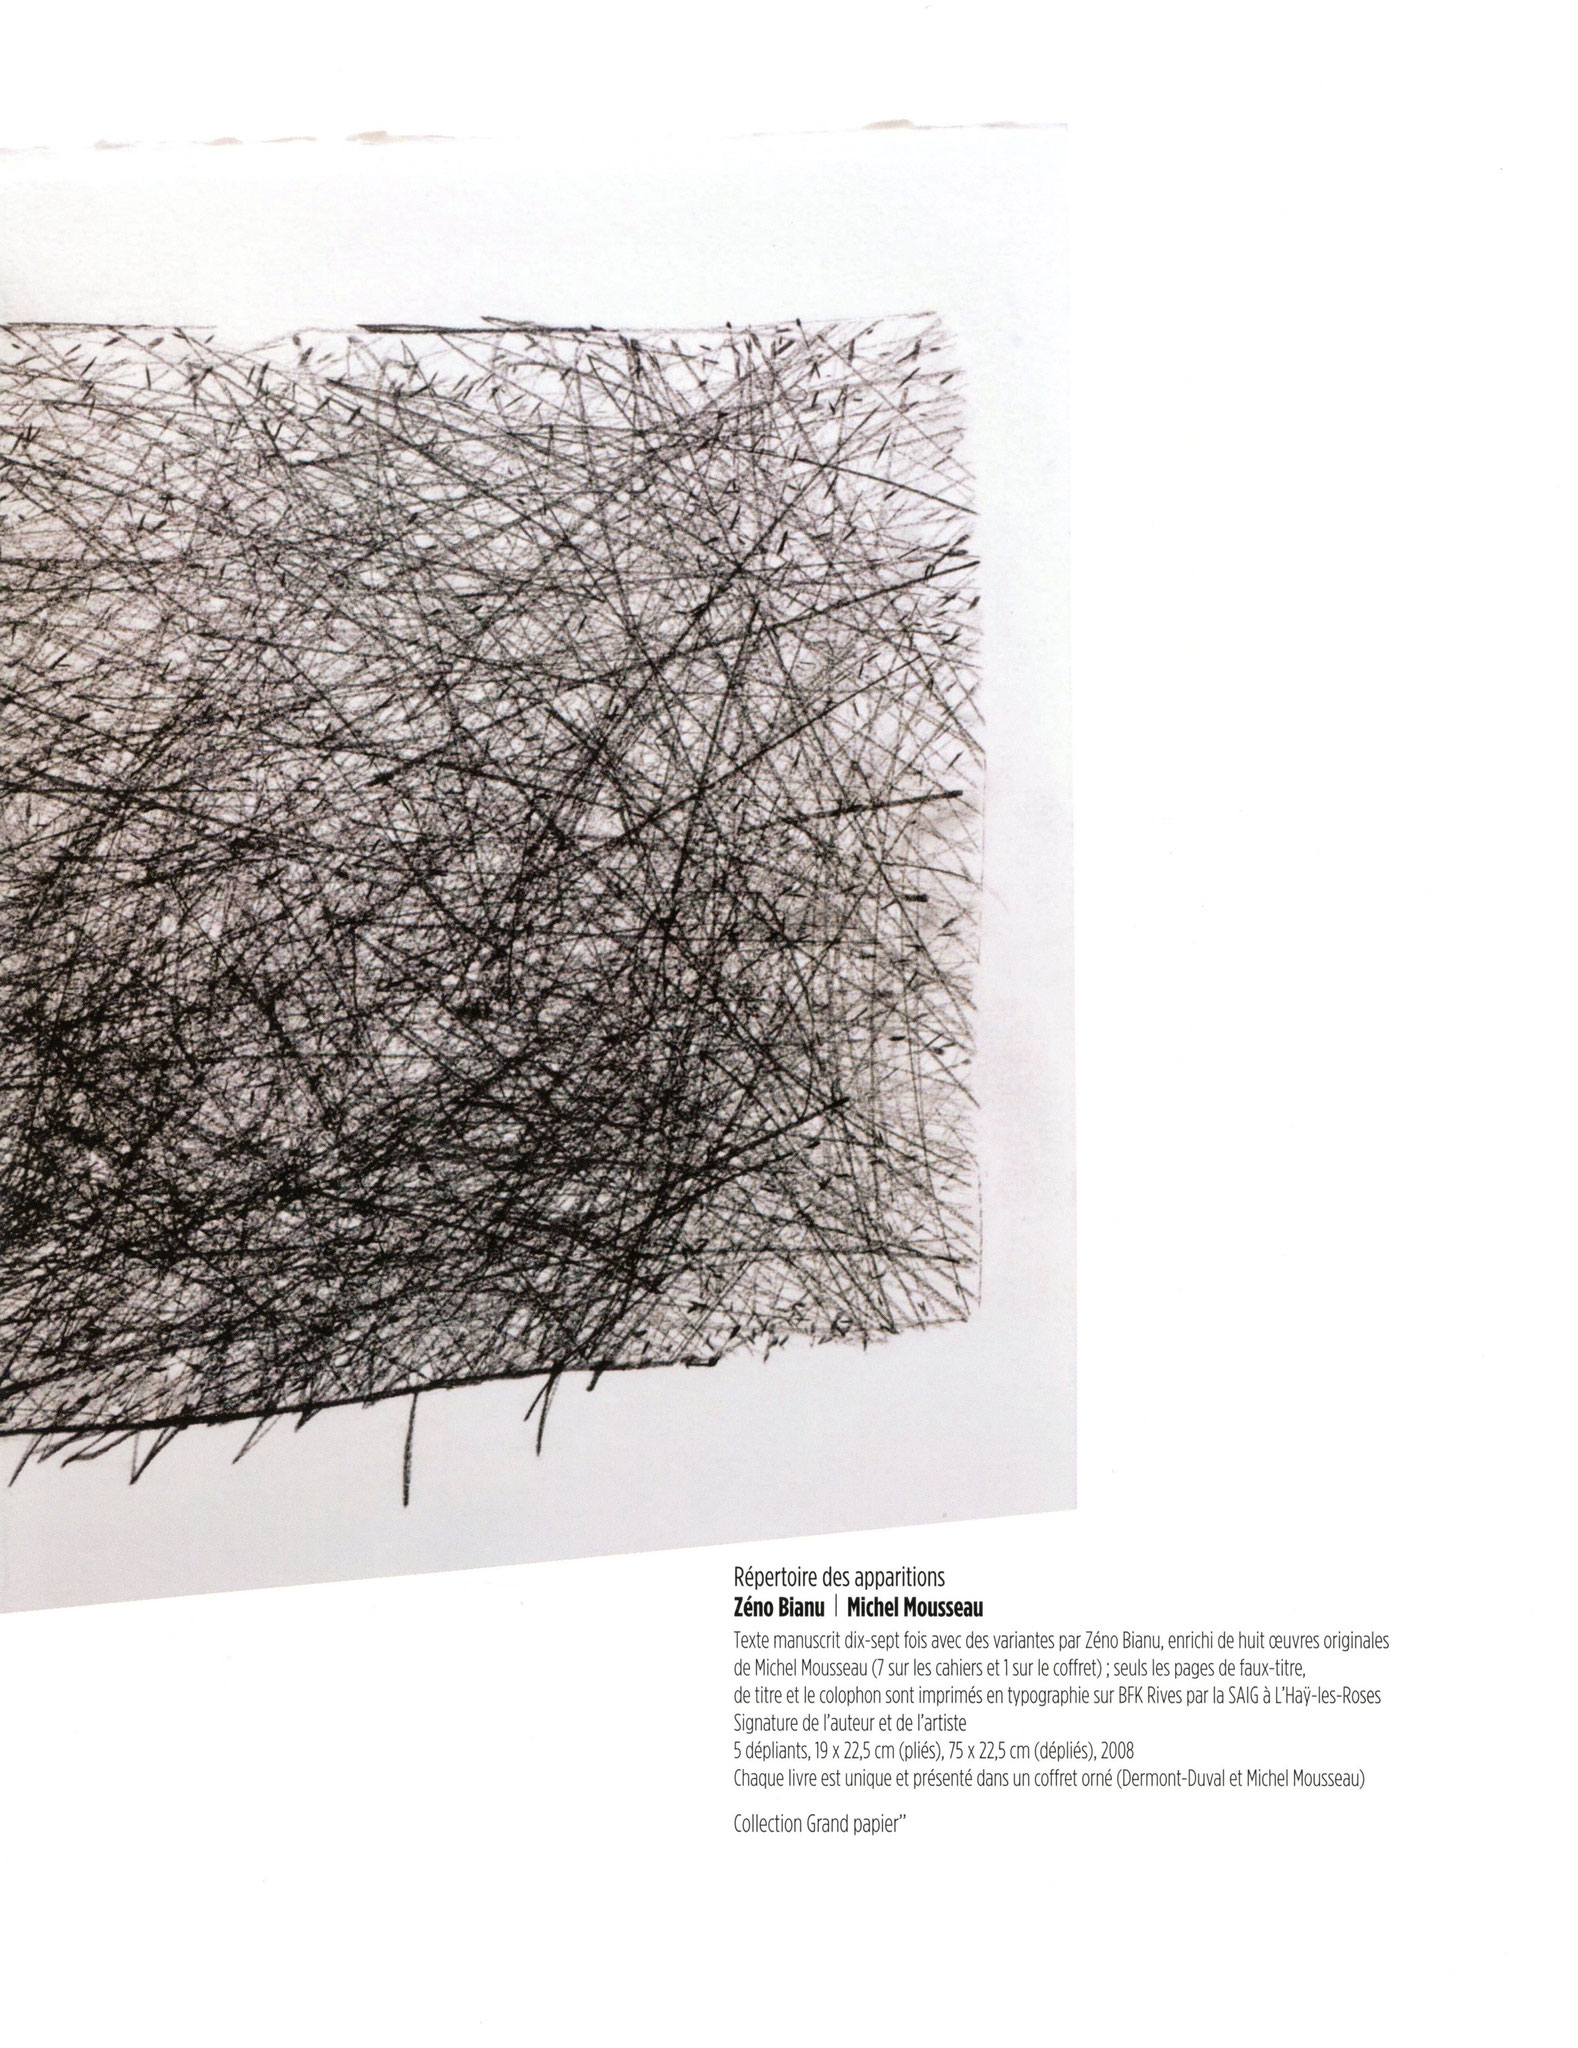 Répertoire des apparitions - Zéno Bianu / Michel Mousseau